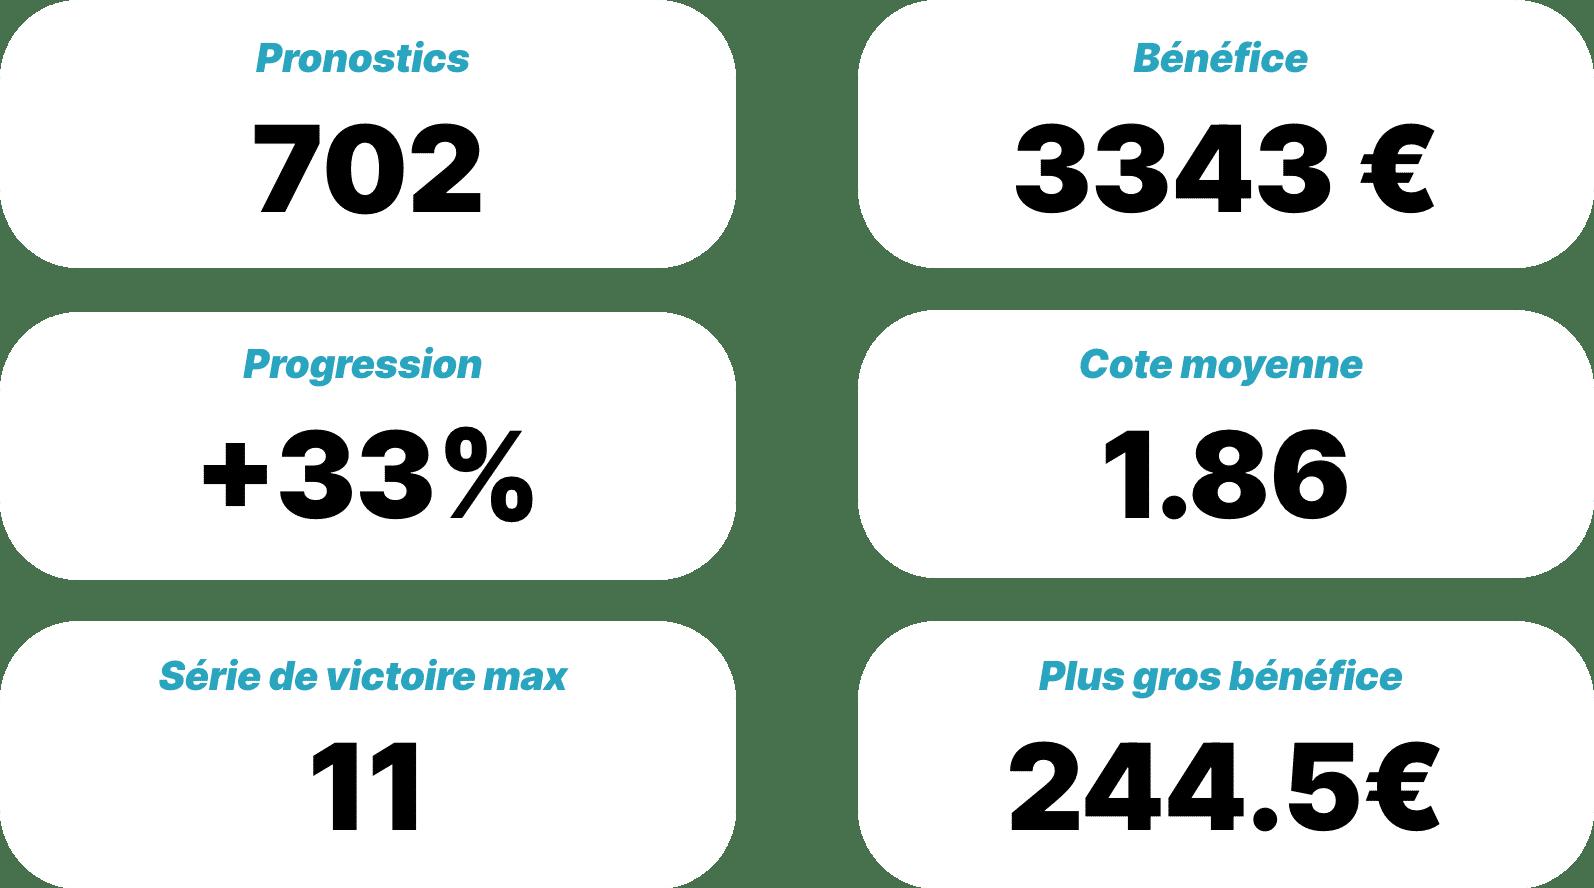 Les résultats du VIP Costa Pronos en 2020-2021